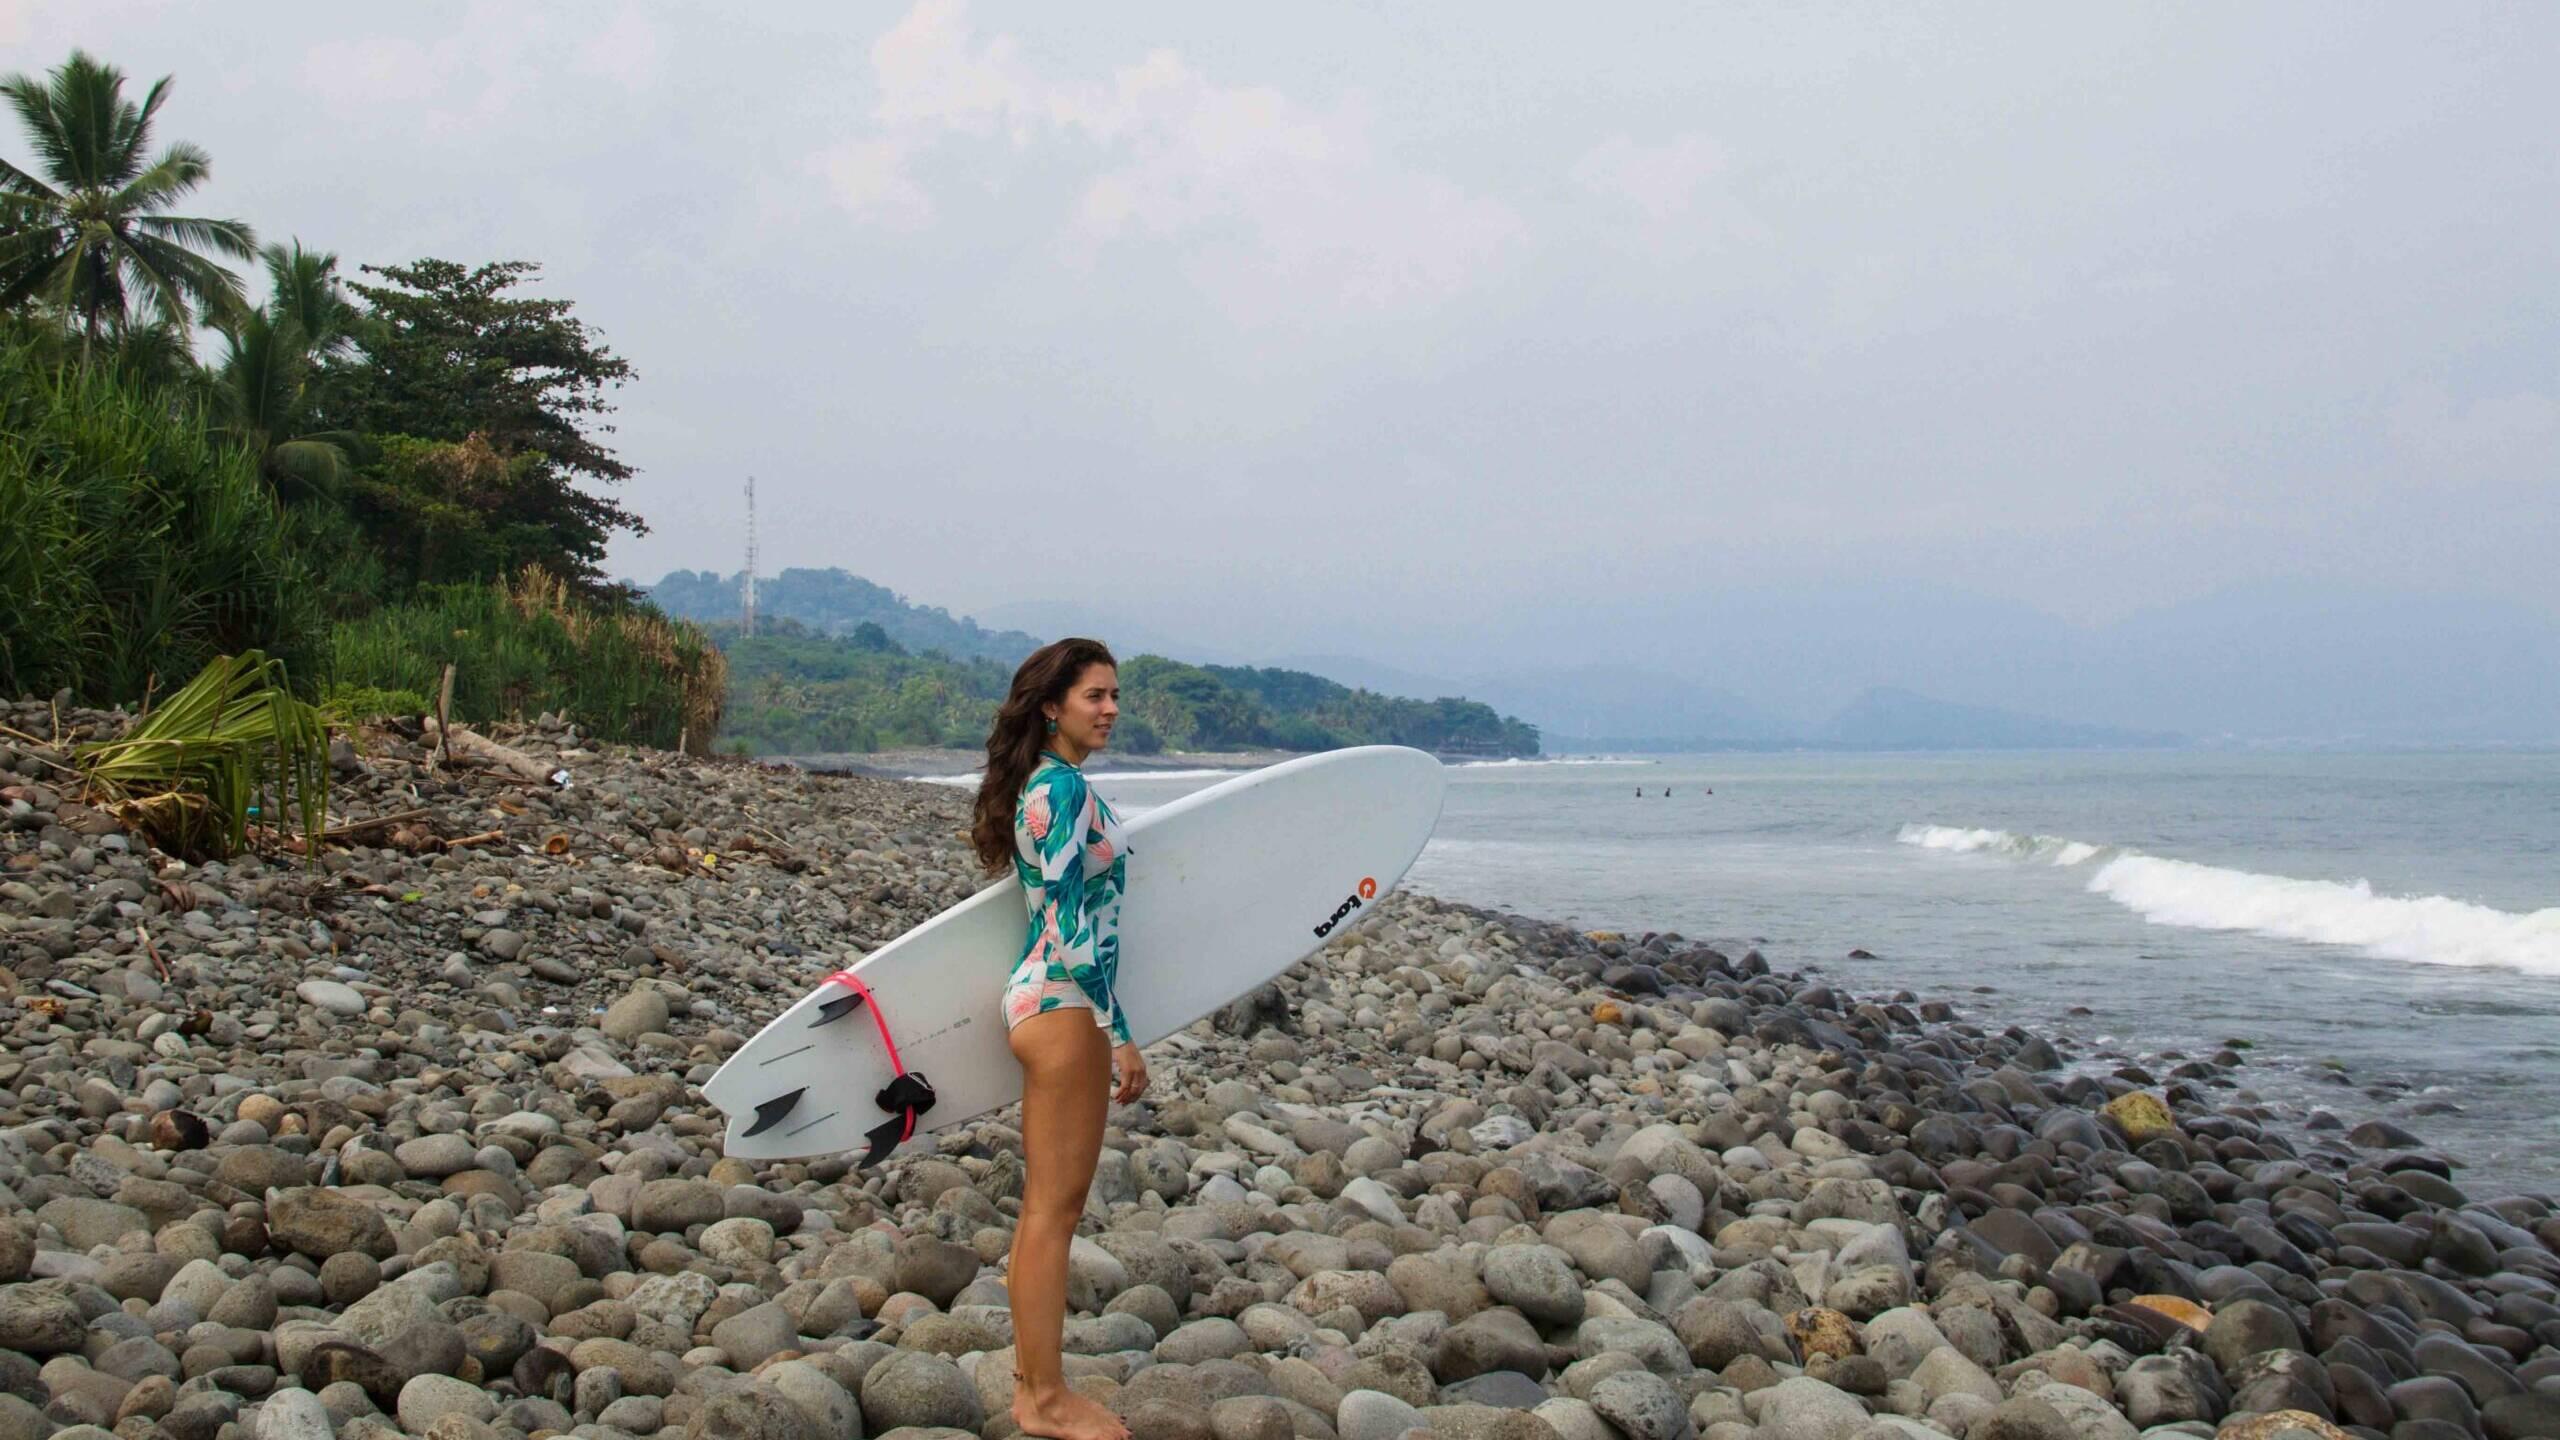 surf cimaja beach java